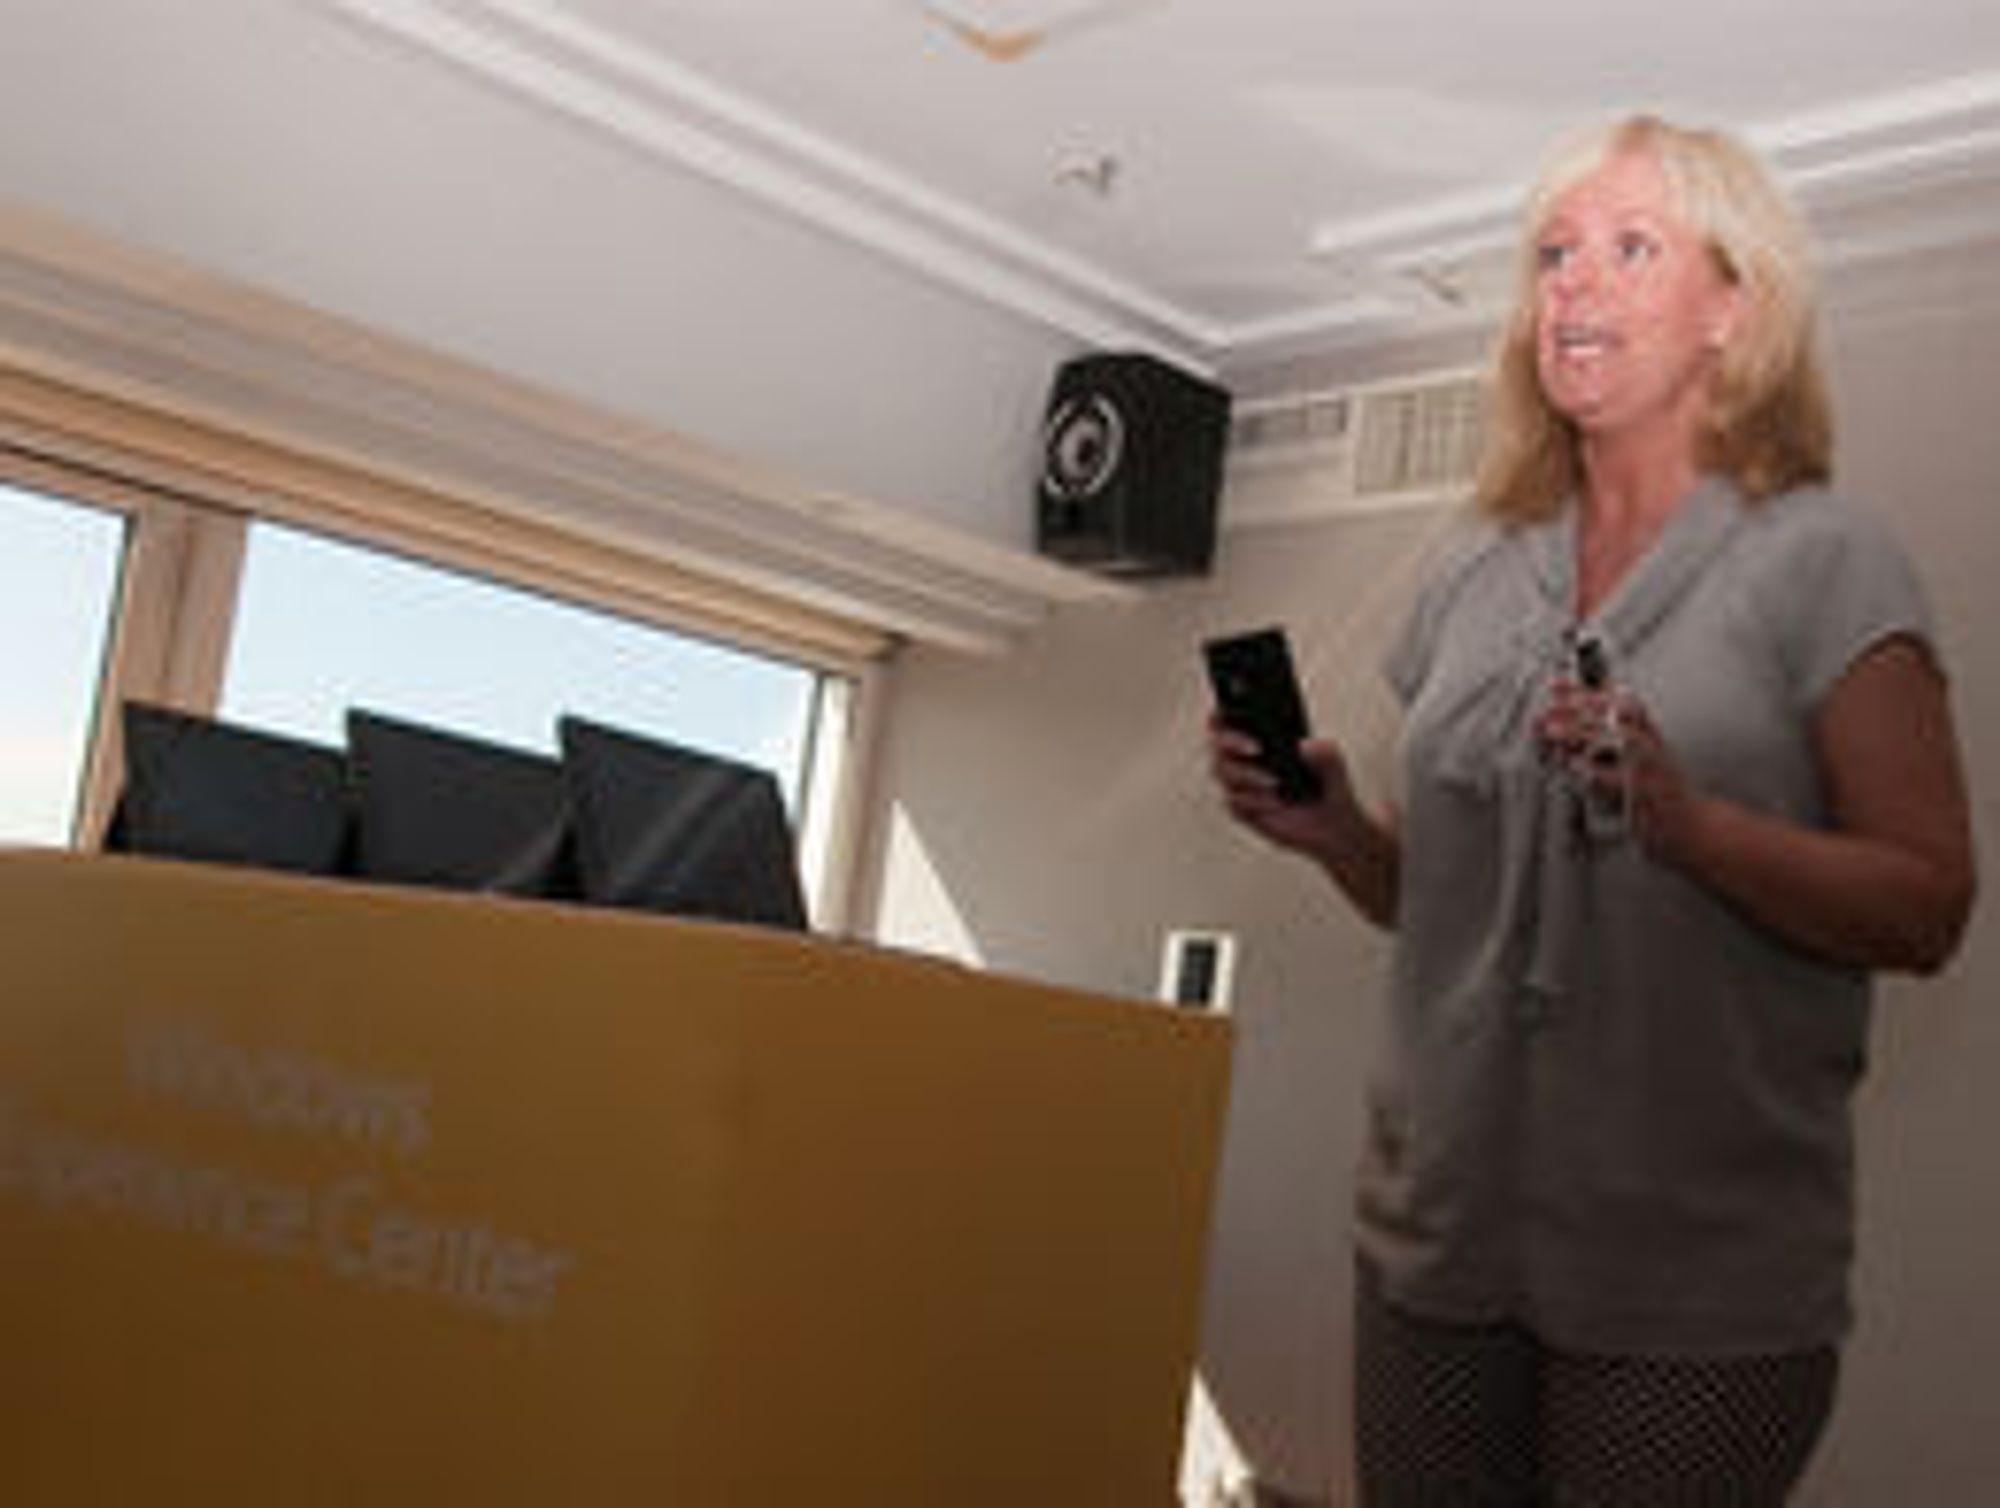 Kommuniksasjonsdirektør Christine Korme i Microsoft Norge kunne ikke svare på hvilke bedrifter som var interessert i Surface. - Det får vi komme tilbake til, svarte hun.